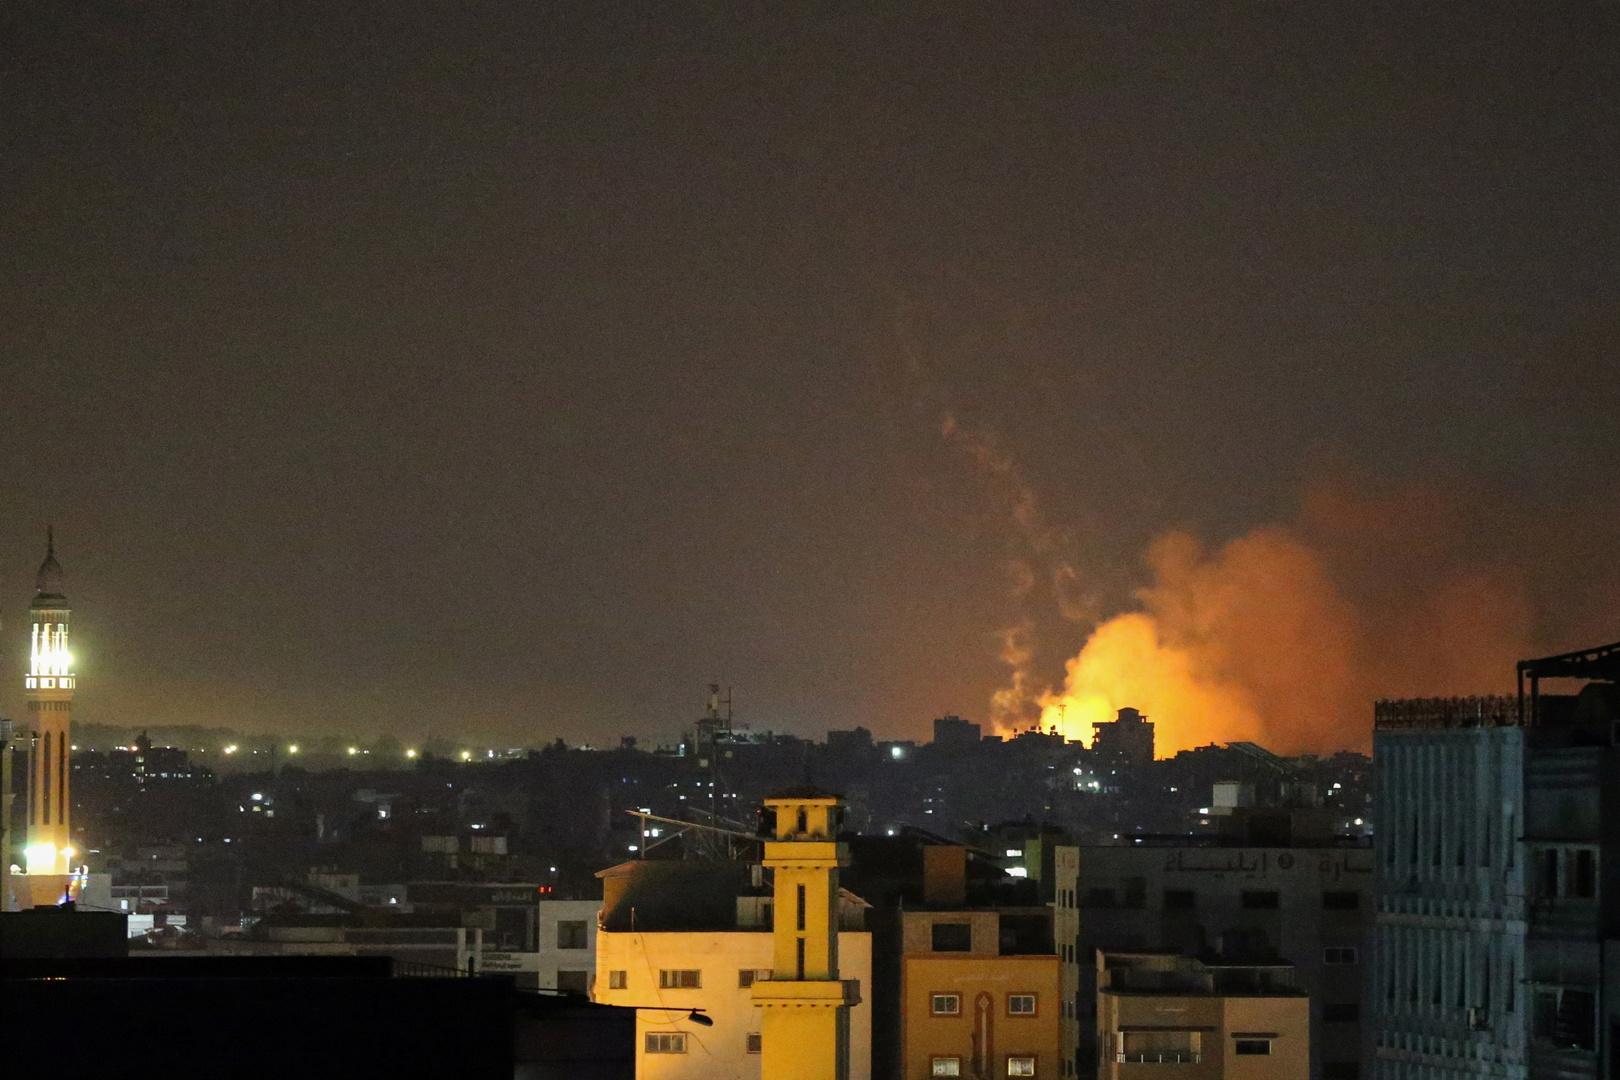 دخان ستصاعد من موقع استهدفته القوات الإسرائيلية في قطاع غزة.